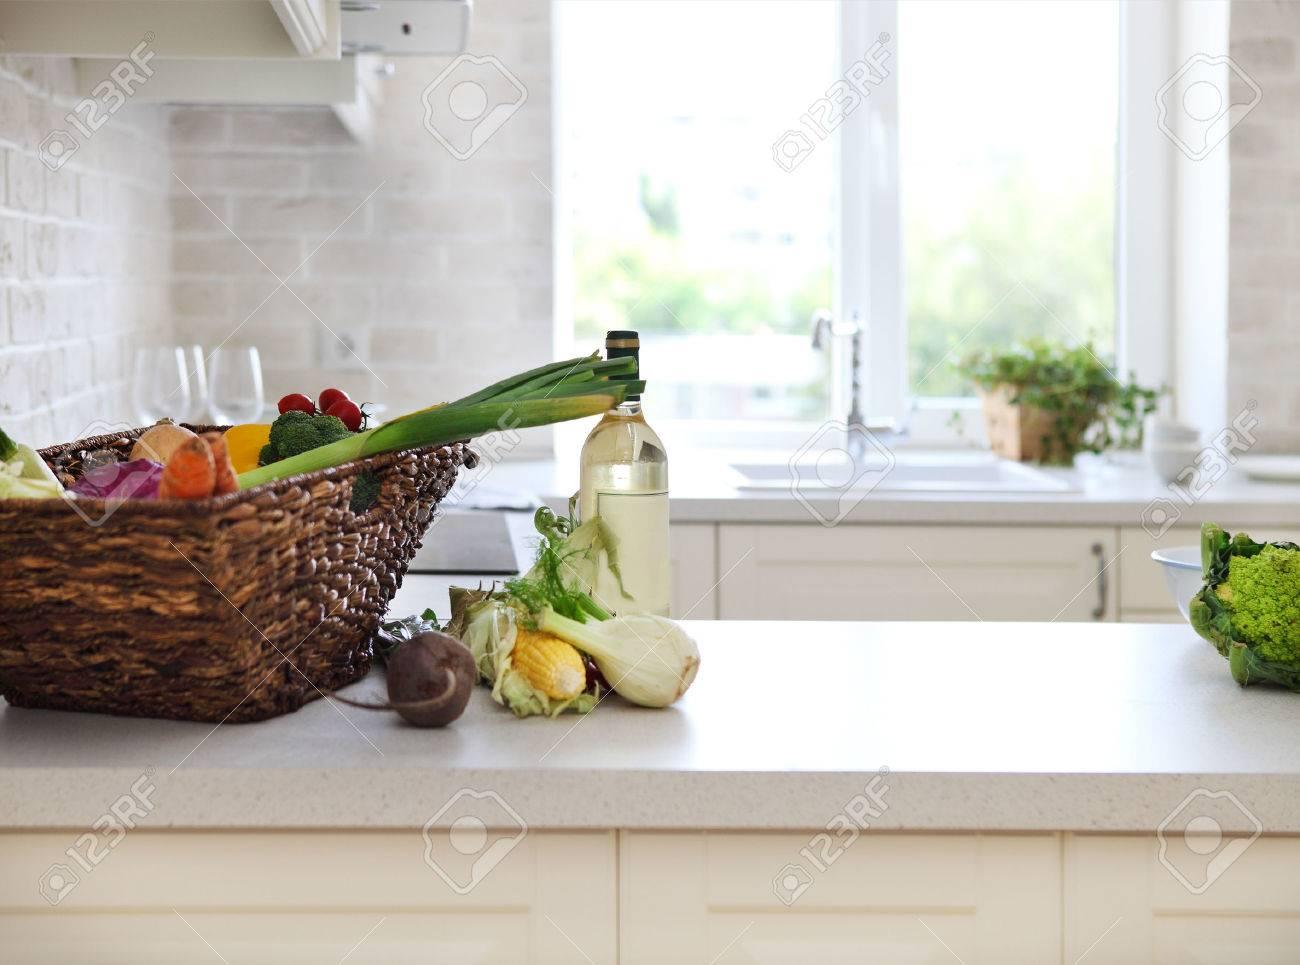 Klassische Weiße Küche Zu Hause Mit Gesunden Lebensmitteln ...